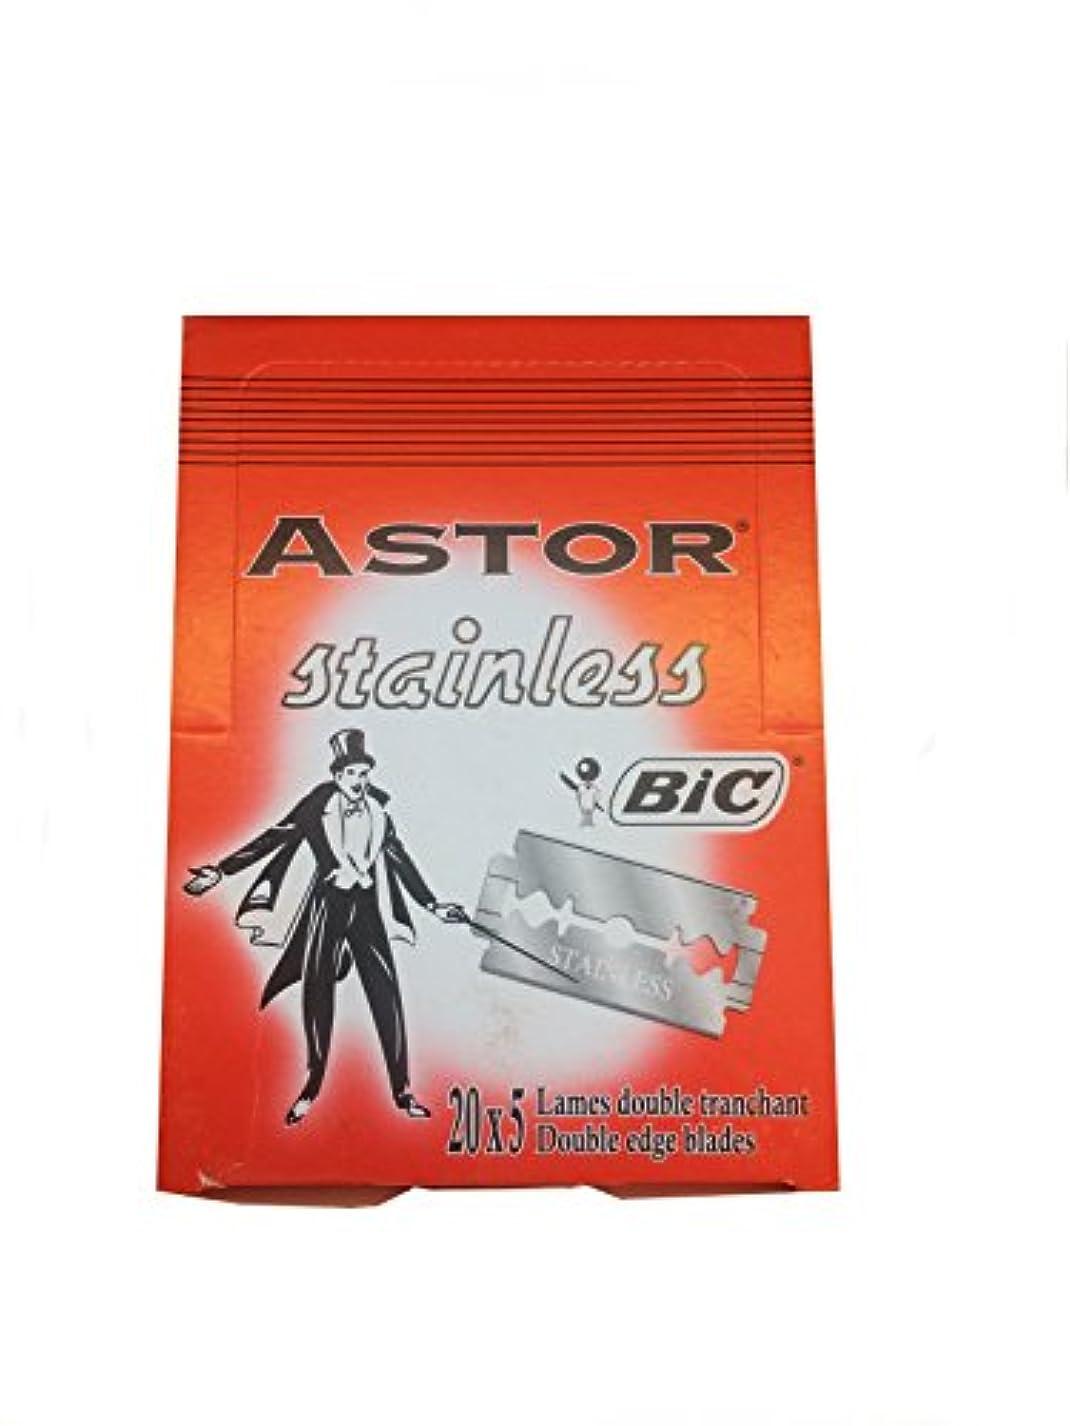 十年伝統暴君BIC Astor Stainless 両刃替刃 100枚入り(5枚入り20 個セット)【並行輸入品】